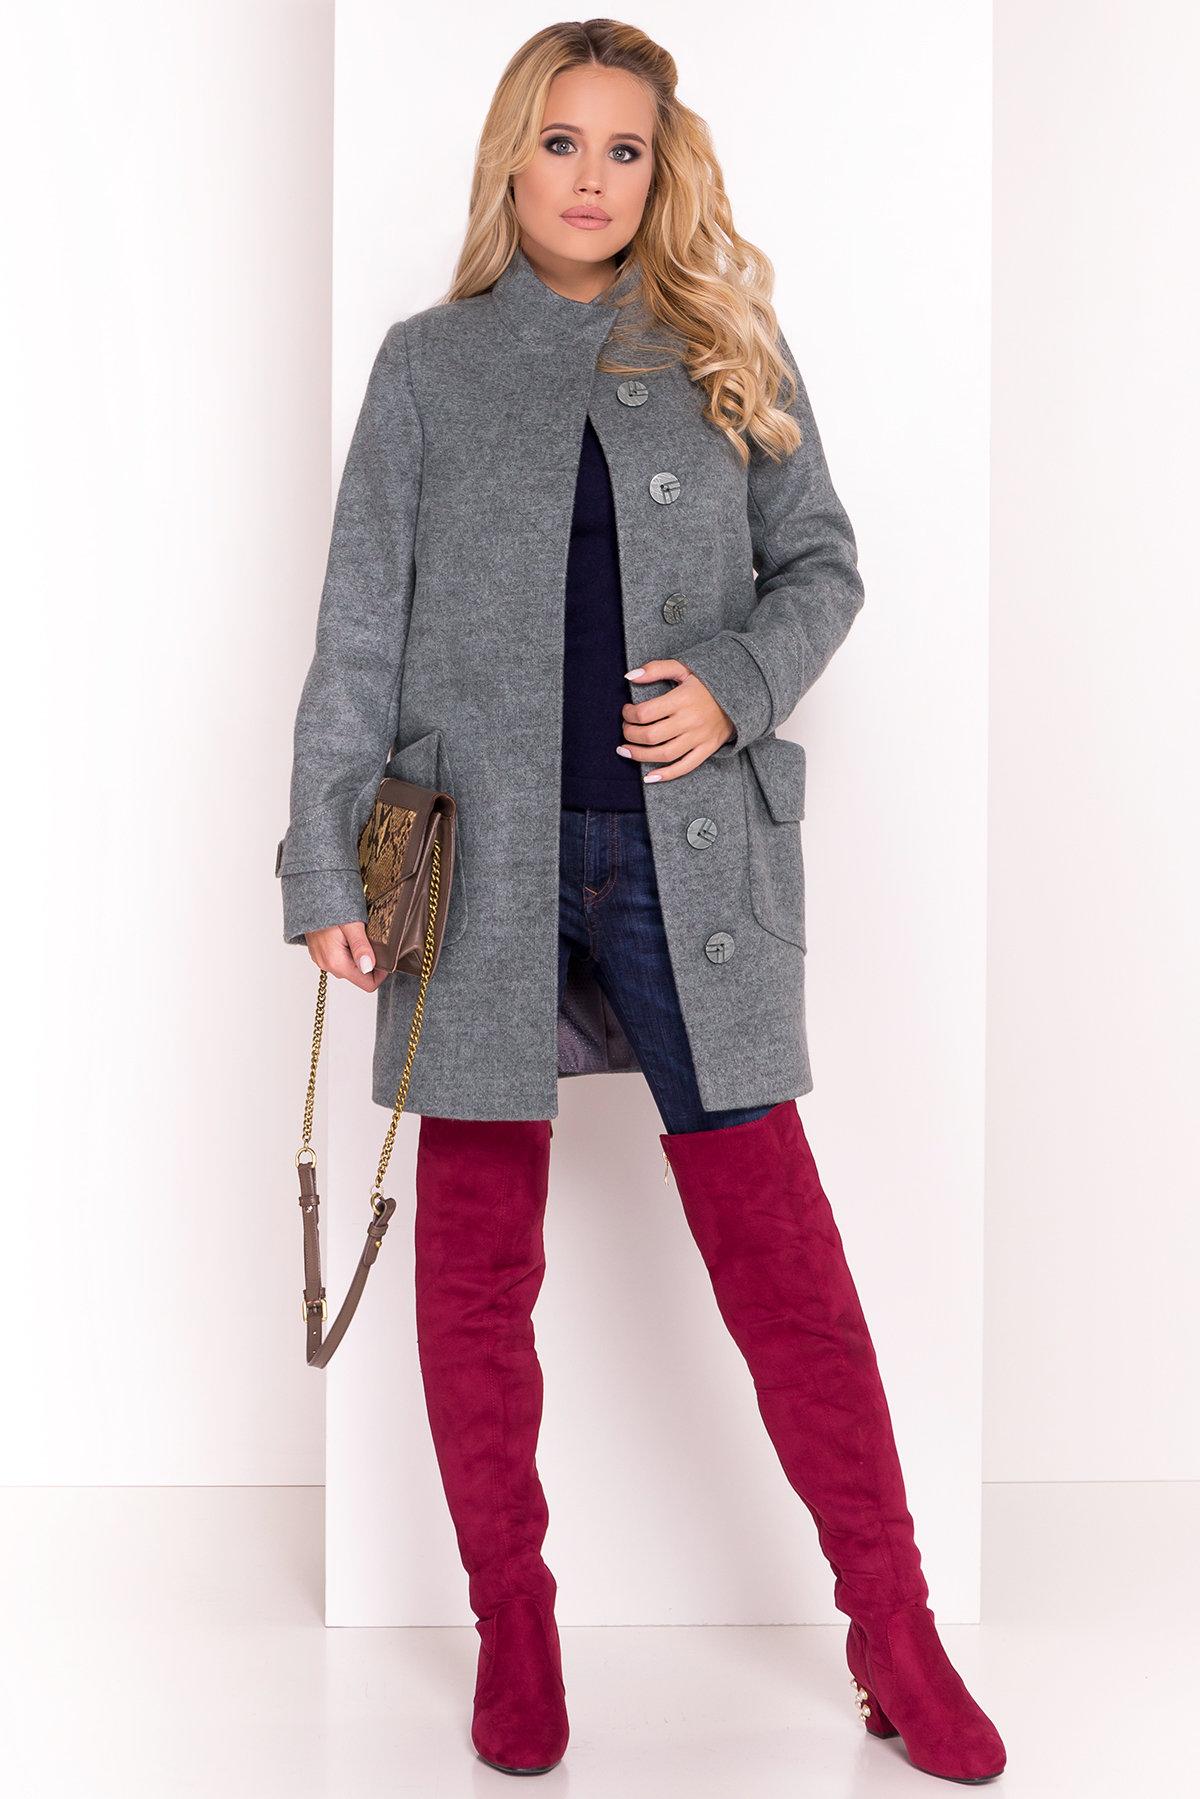 Демисезонное пальто с воротником стойка Эста 5417 АРТ. 36790 Цвет: Олива - фото 1, интернет магазин tm-modus.ru